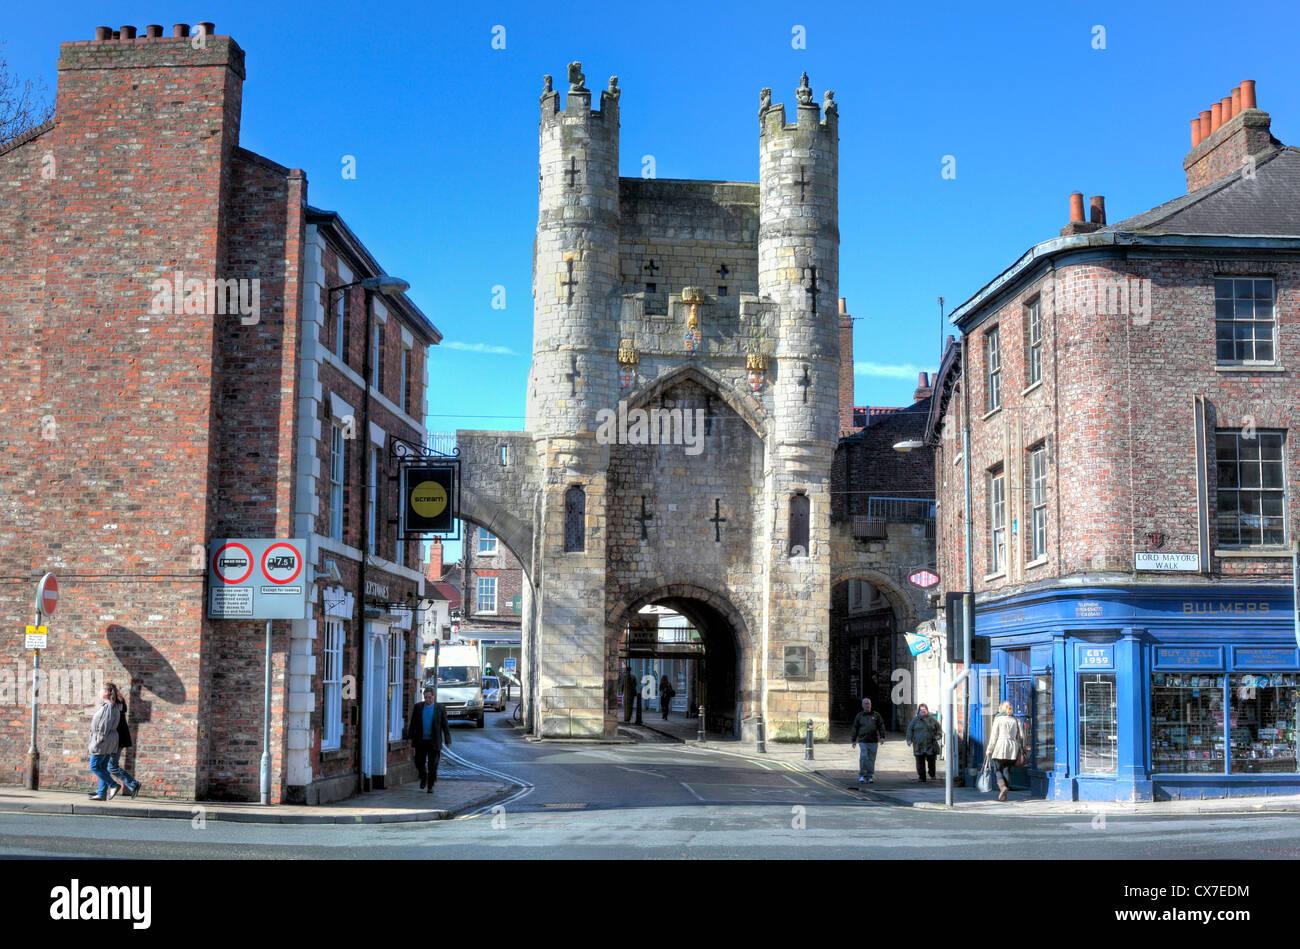 La entrada sur de York, Micklegate Bar, York, North Yorkshire, Inglaterra, Reino Unido. Imagen De Stock